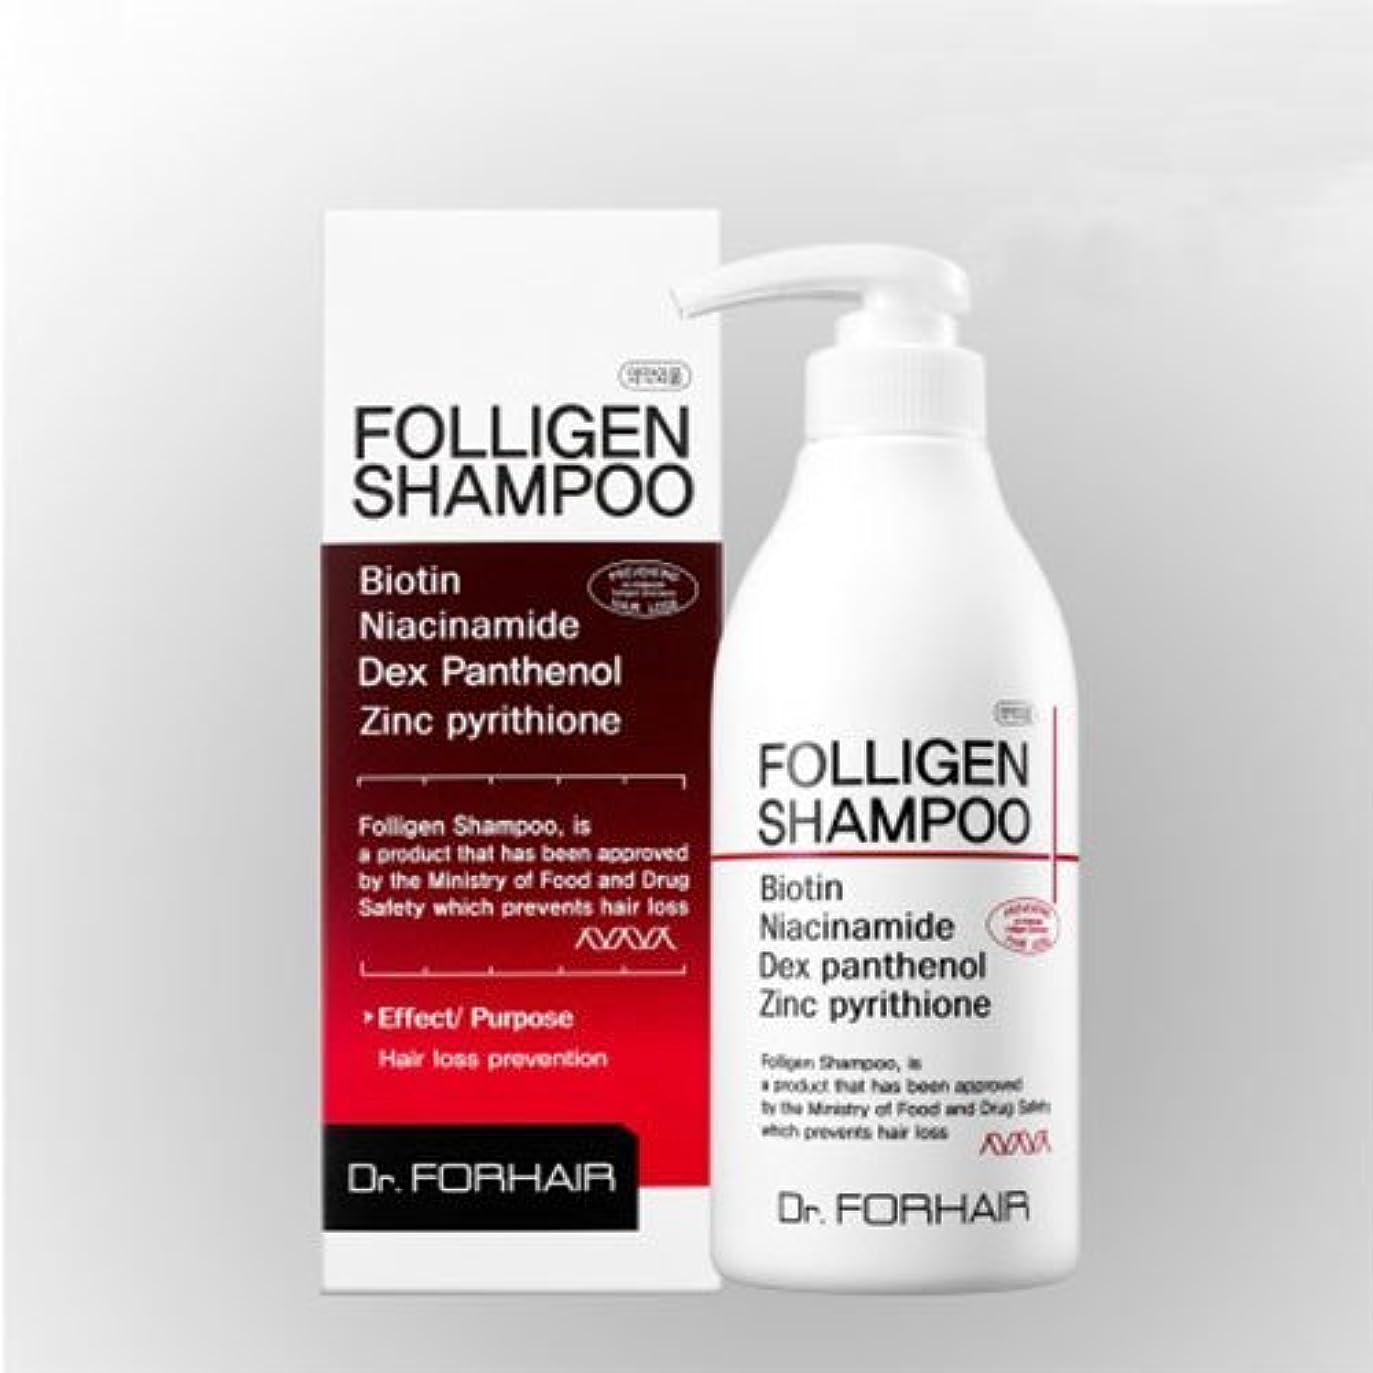 判読できないウール残るダクト?フォーヘア ポルリジェン シャンプー500ml 脱毛防止シャンプー[並行輸入品] / Dr. Forhair Folligen Shampoo 500ml (16.9 fl.oz.) for Hair Loss...